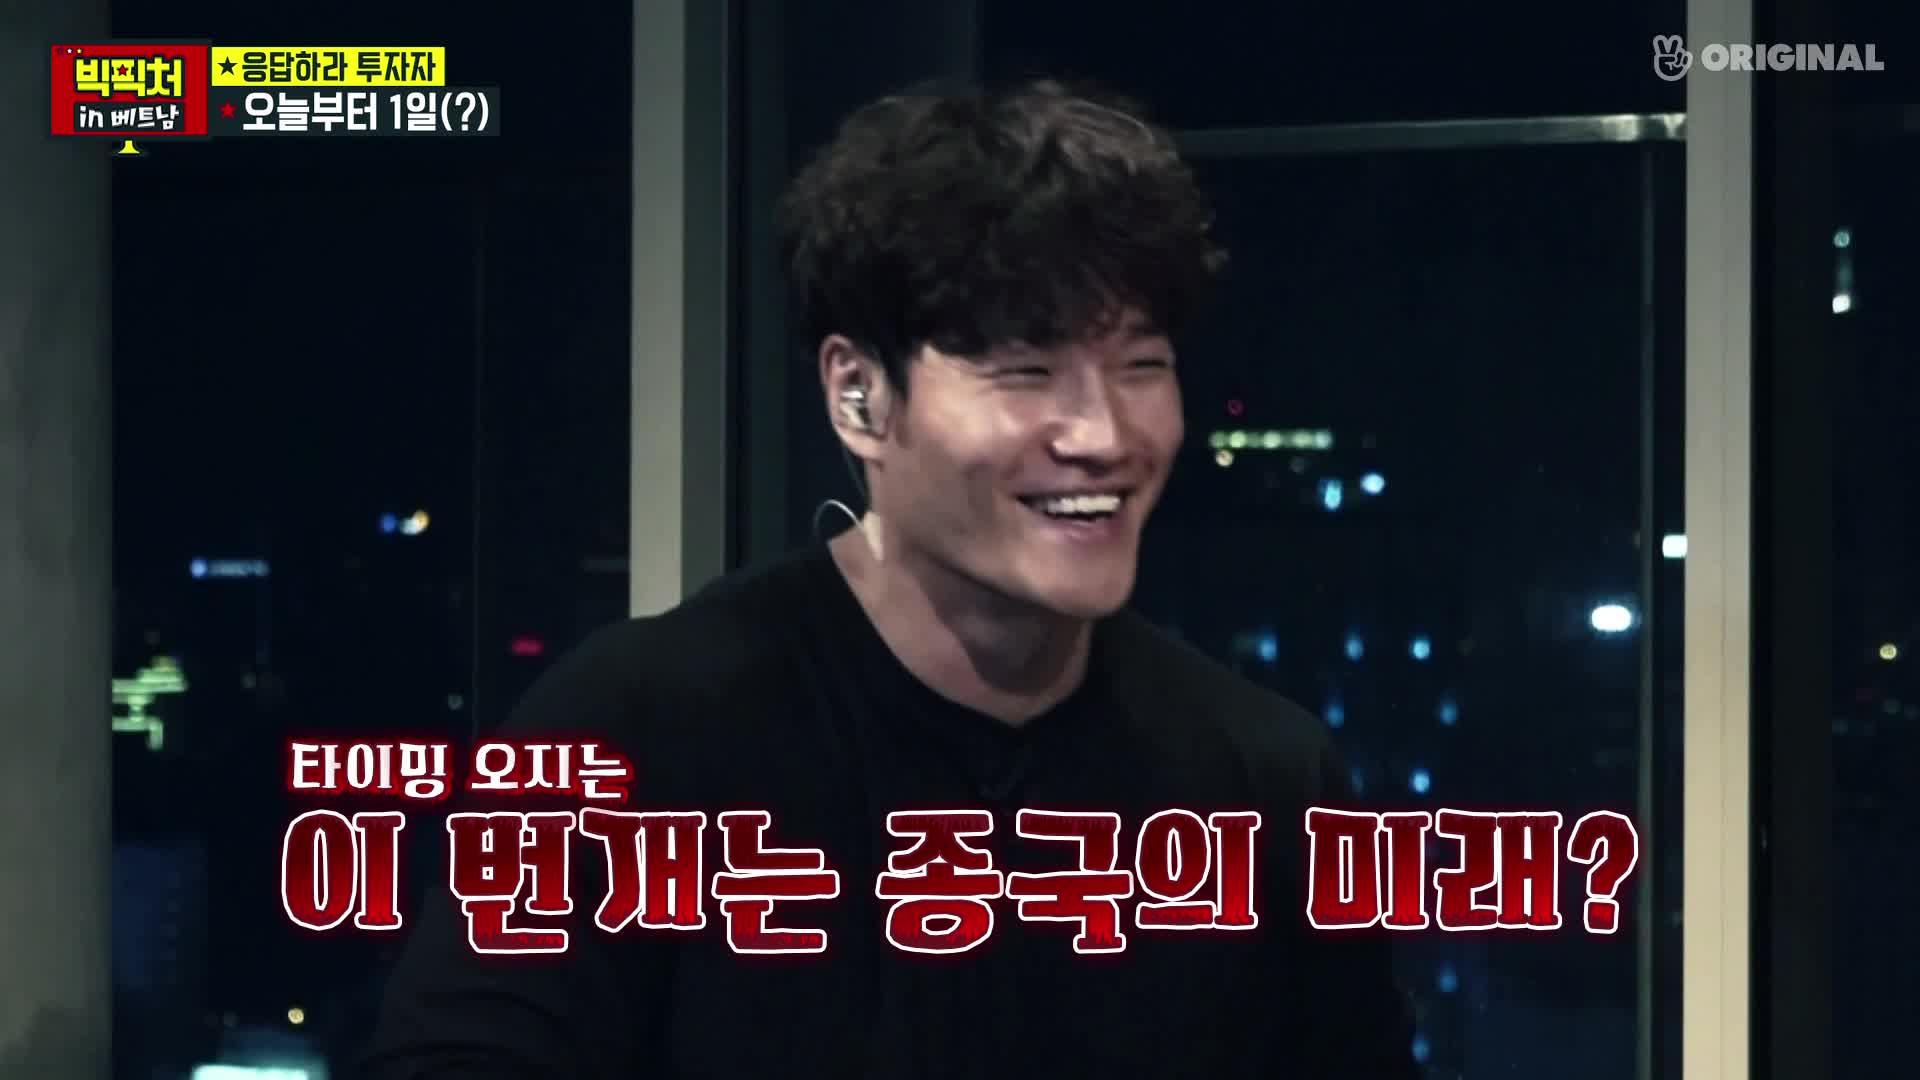 빅픽처 스페셜시즌 EP50_종국 팔아(?) 투자자 마음 훔치기!?